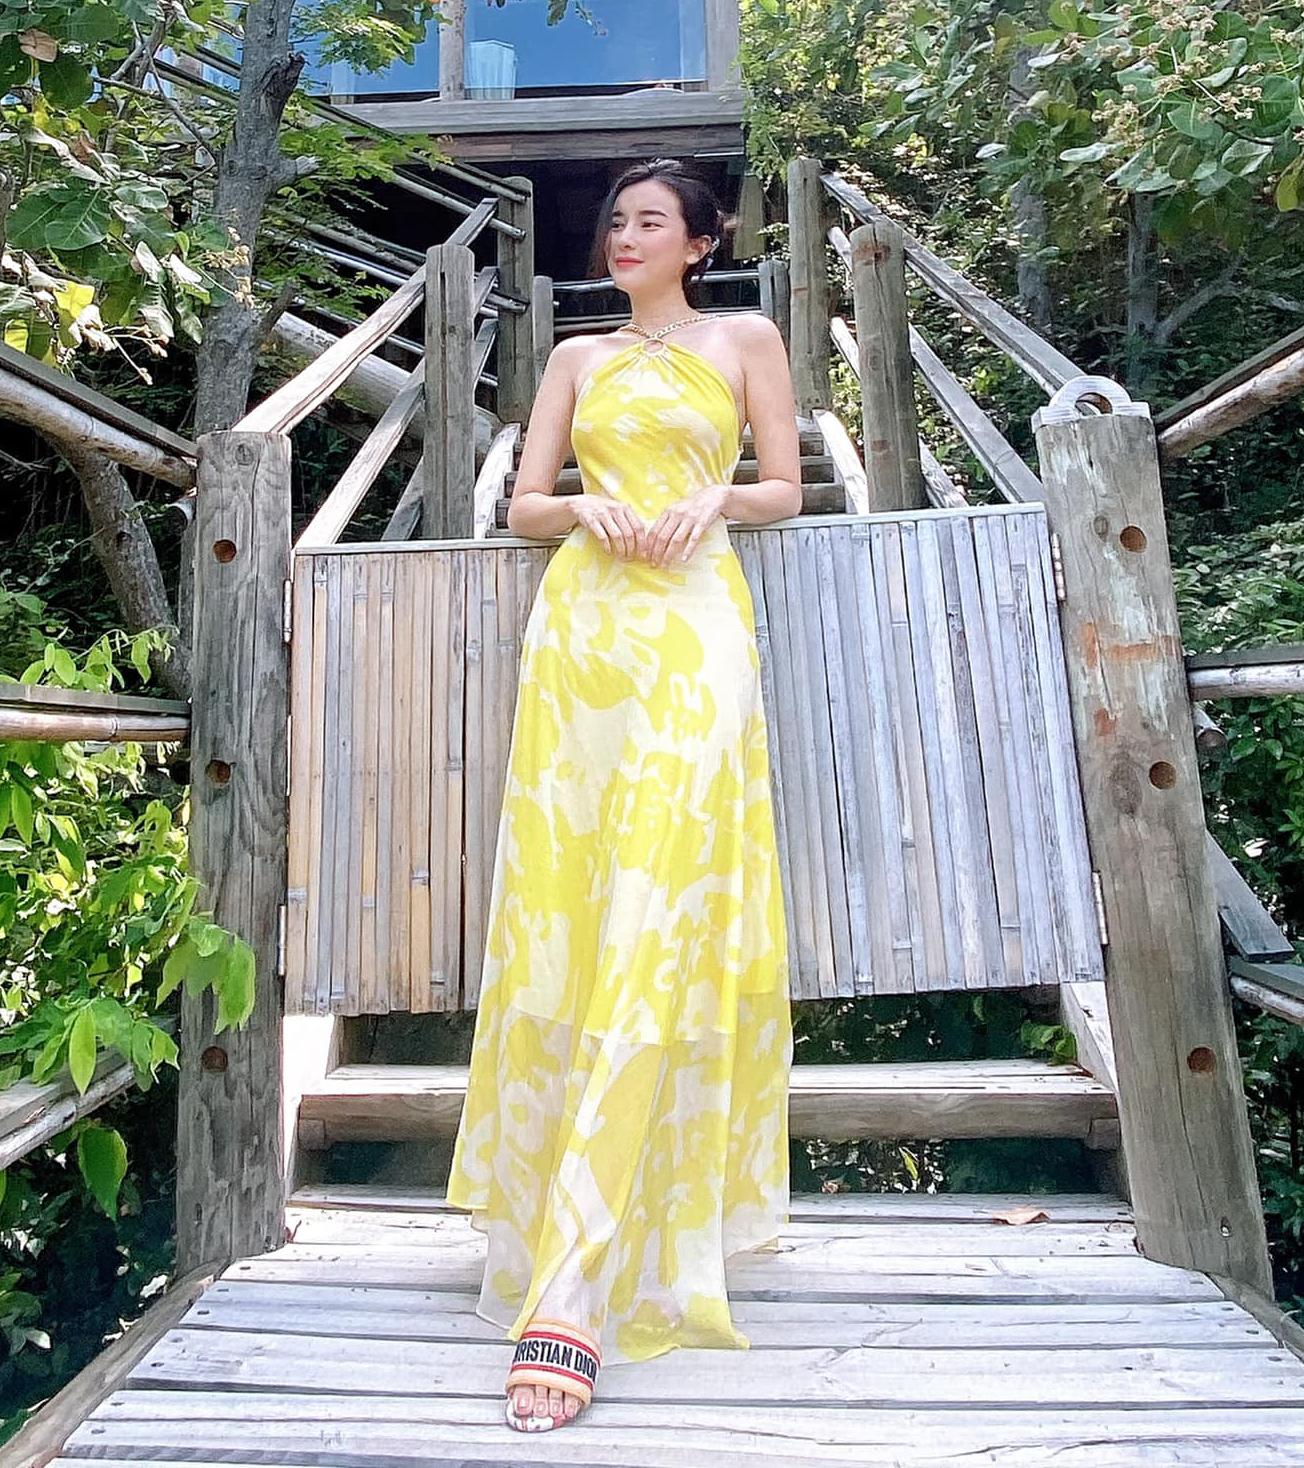 Váy maxi tông vàng tươi sáng và bay bổng là lựa chọn đầy lý tưởng khi đi nghỉ dưỡng của Cao Thái Hà.